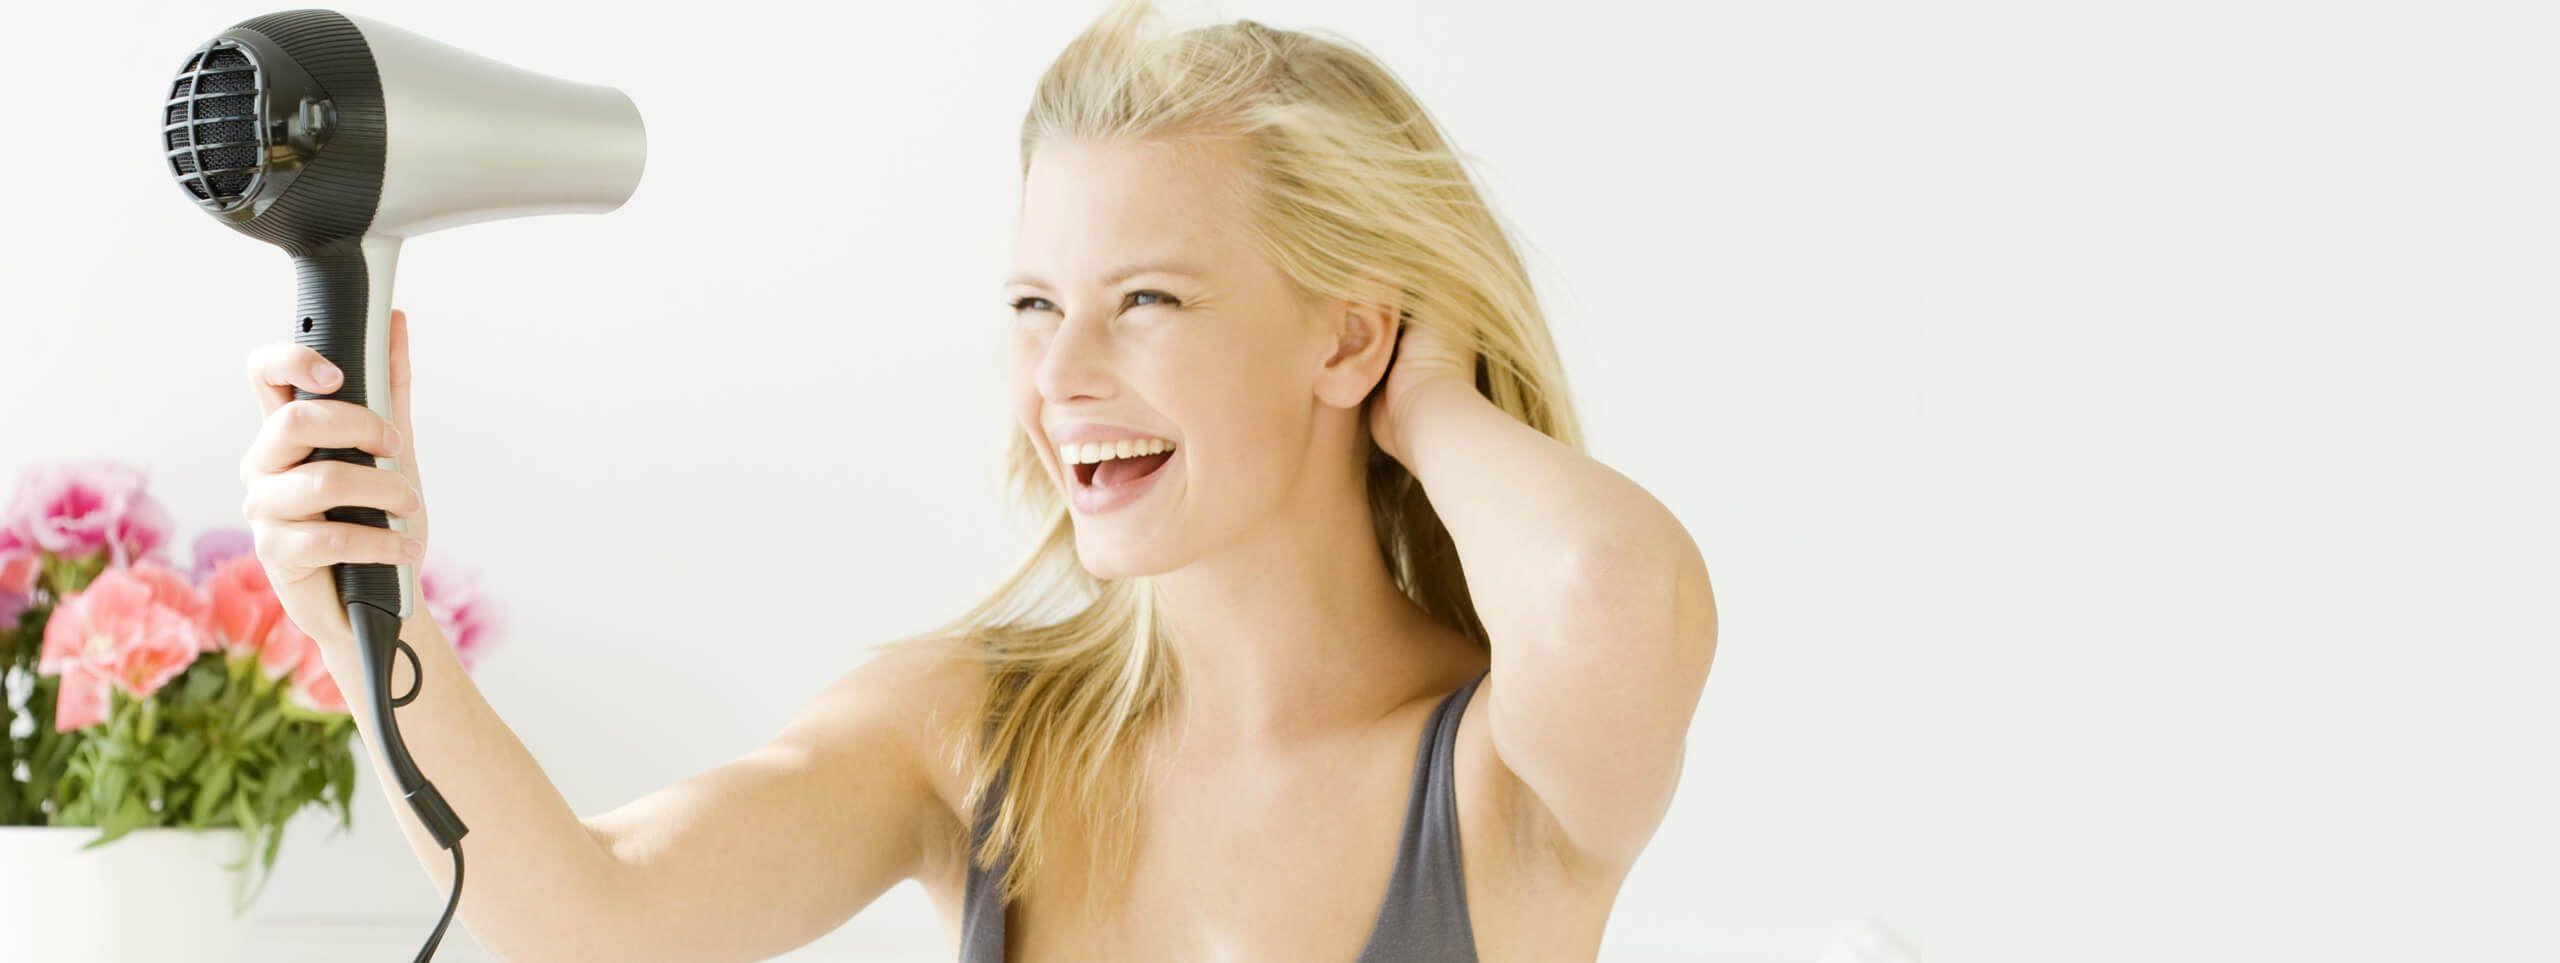 Femme blonde utilise un sèche-cheveux